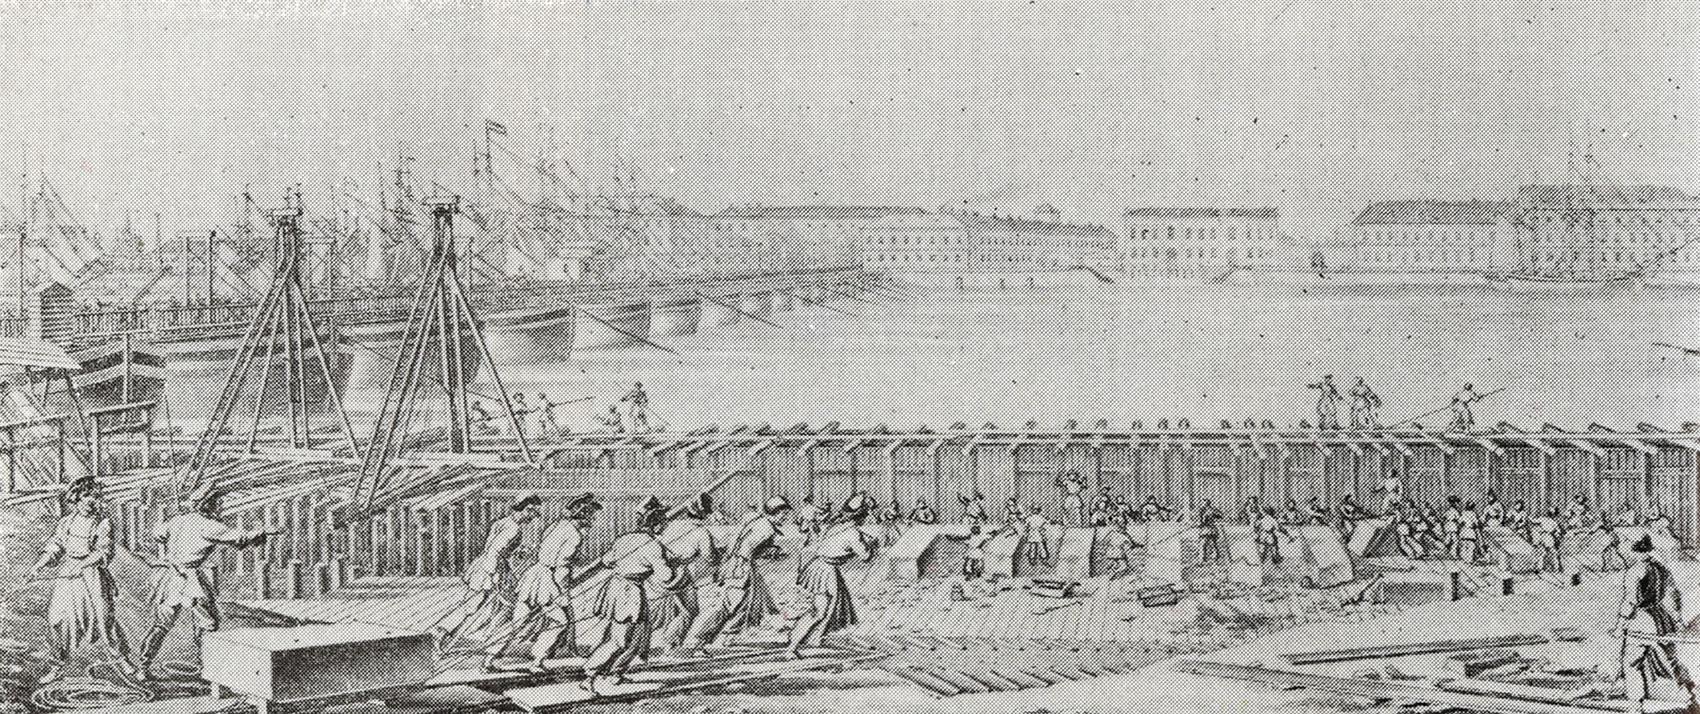 Постройка берегового устоя для нового Исаакиевского моста [Петербург]. Литография по рисунку Г. Треттера. 1820-е.